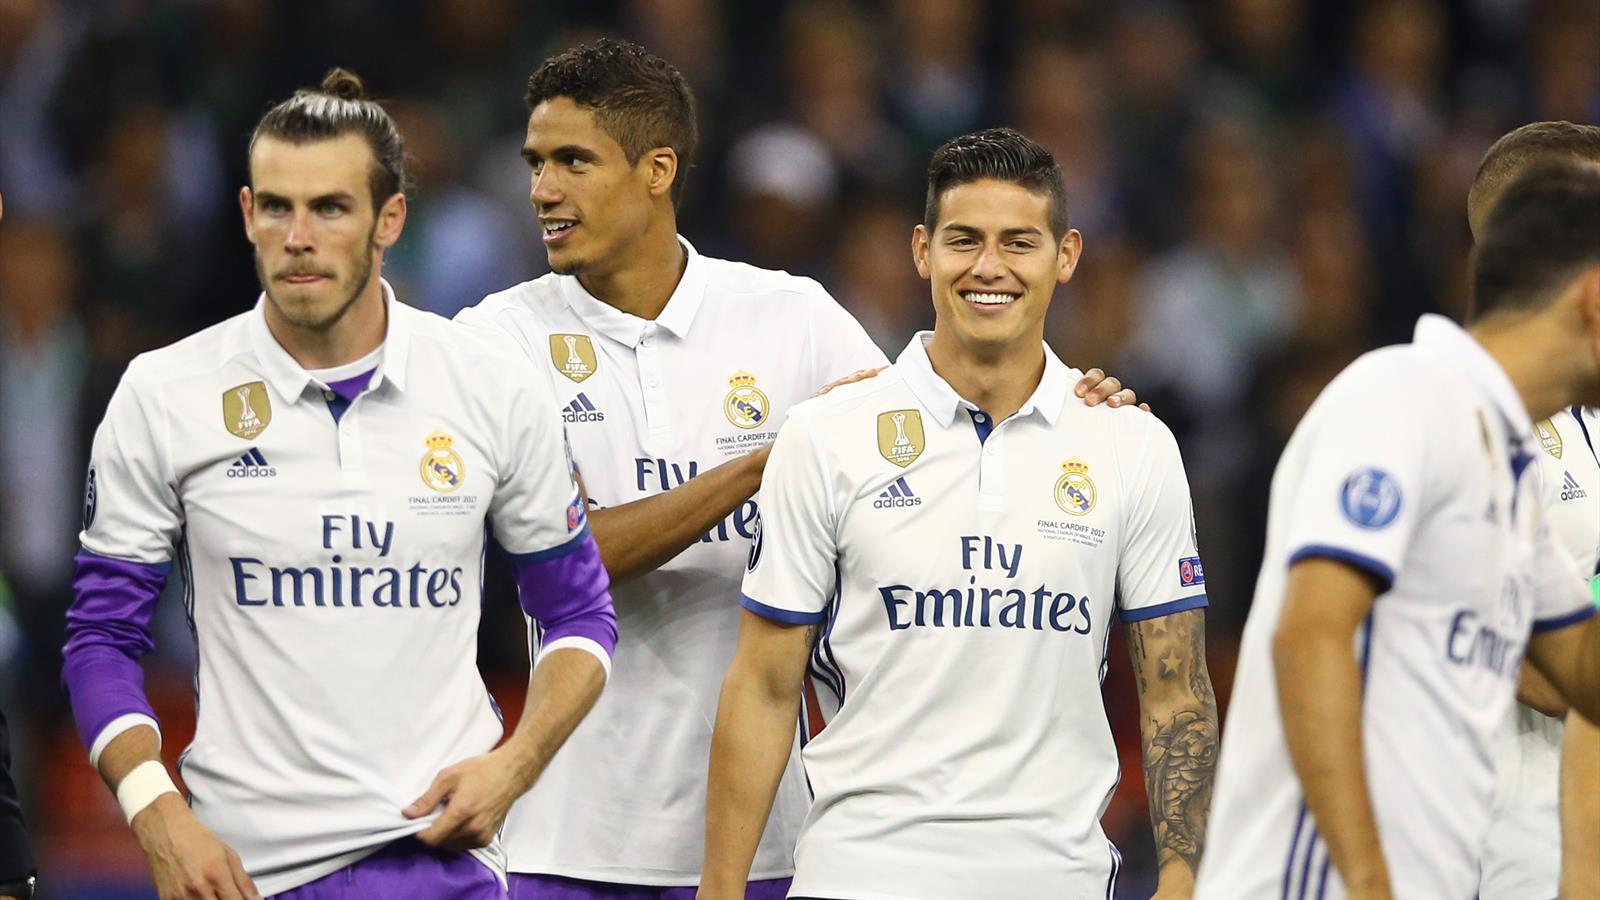 «Реал» обиделся на «Атлетико» за 3:7 и не хочет продавать Хамеса Родригеса – чемпионат Испании